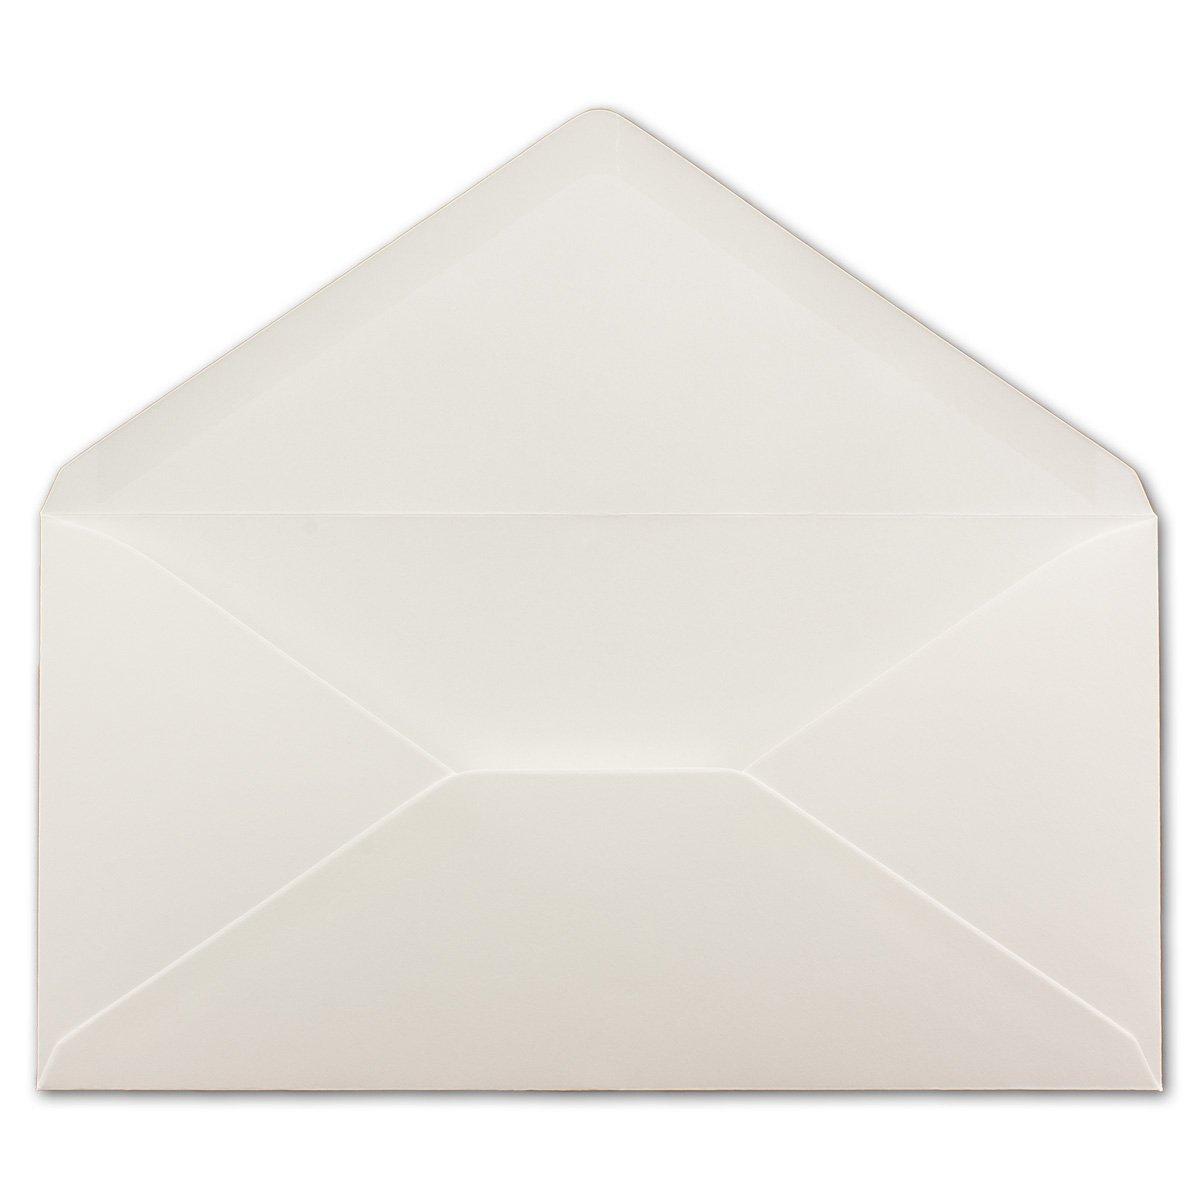 250 Brief-Umschläge Bronze Metallic DIN Lang - 110 x x x 220 mm (11 x 22 cm) - Nassklebung ohne Fenster - Ideal für Einladungs-Karten - Serie FarbenFroh® B076SB93C5 | Hohe Sicherheit  c75353